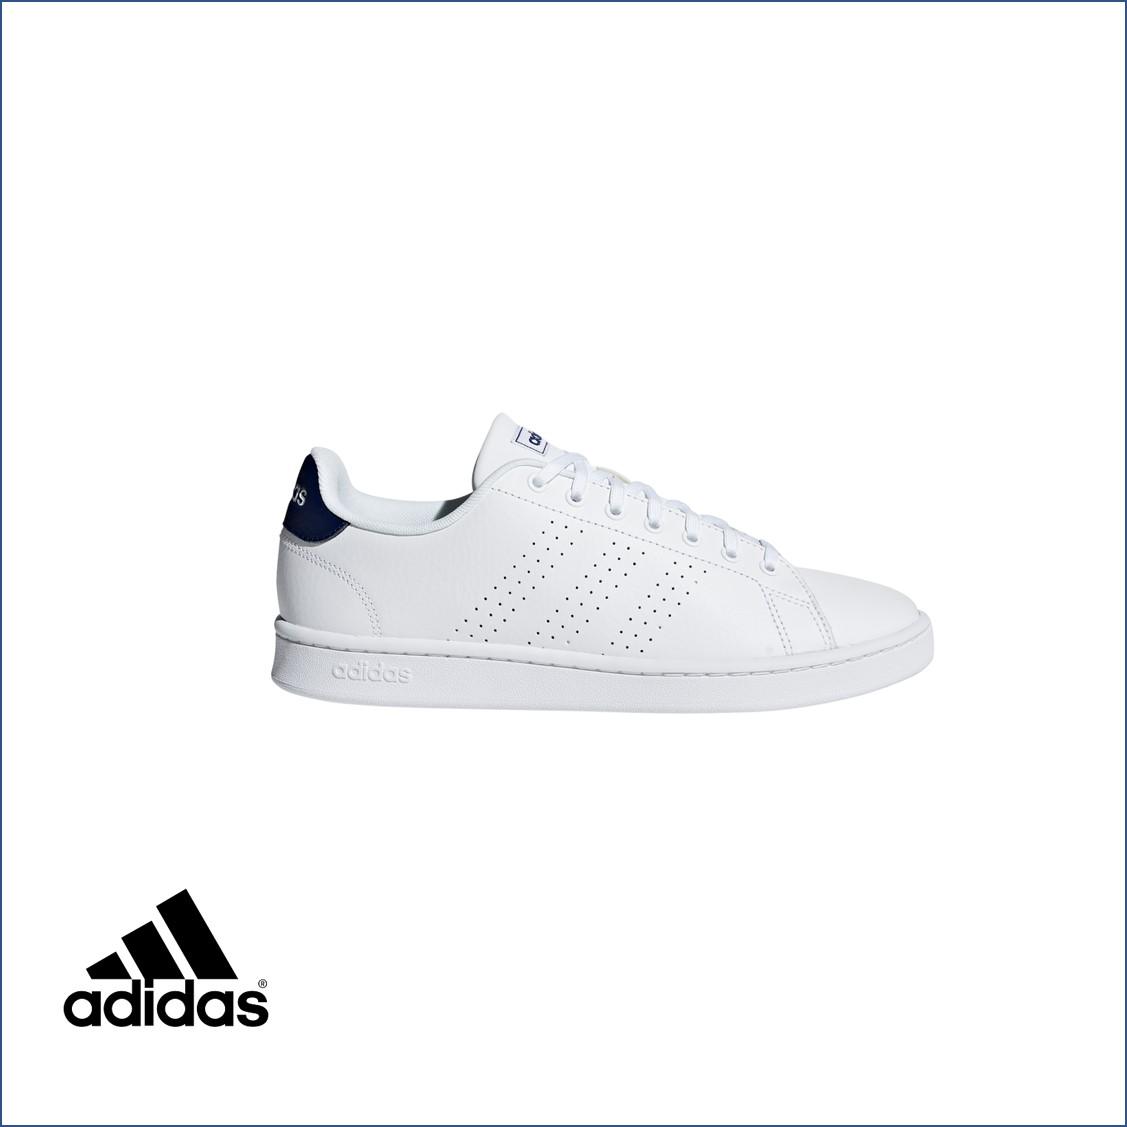 Bảng giá adidas Giày thể thao tennis nam ADVANTAGE F36423